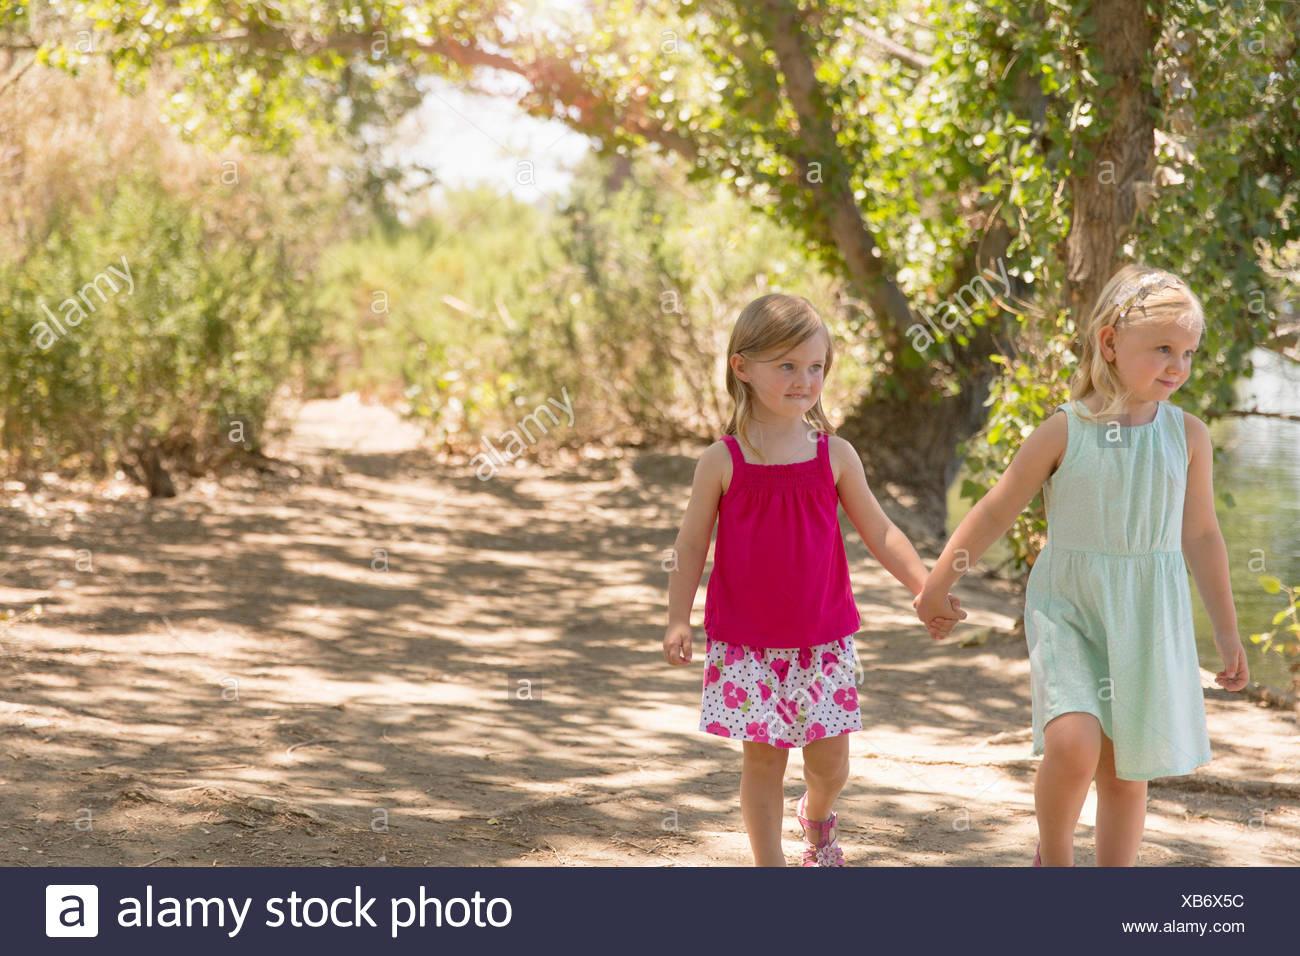 Dos hermanas jóvenes paseando y tomados de la mano en la orilla Imagen De Stock